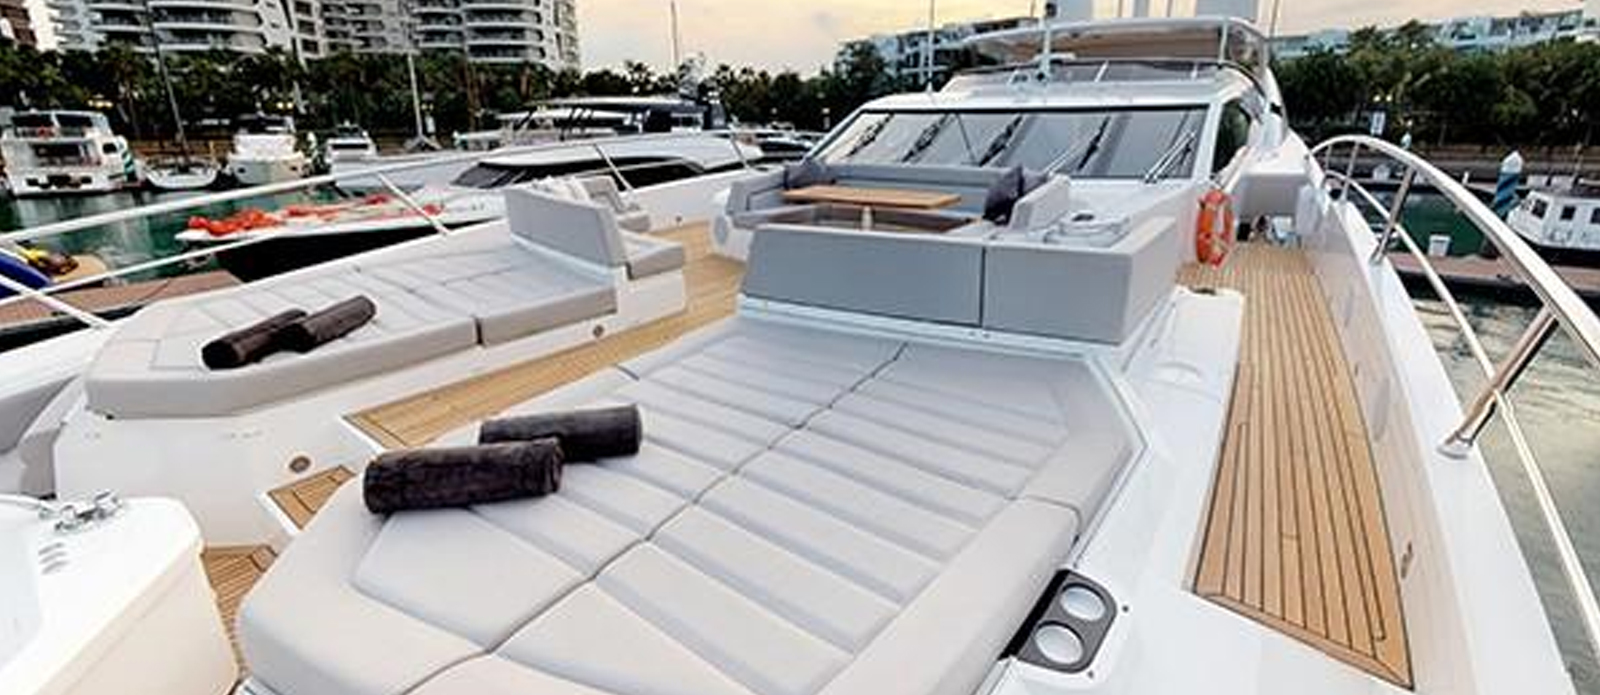 Sunseeker-116-Sport-Yacht-Priceless-23